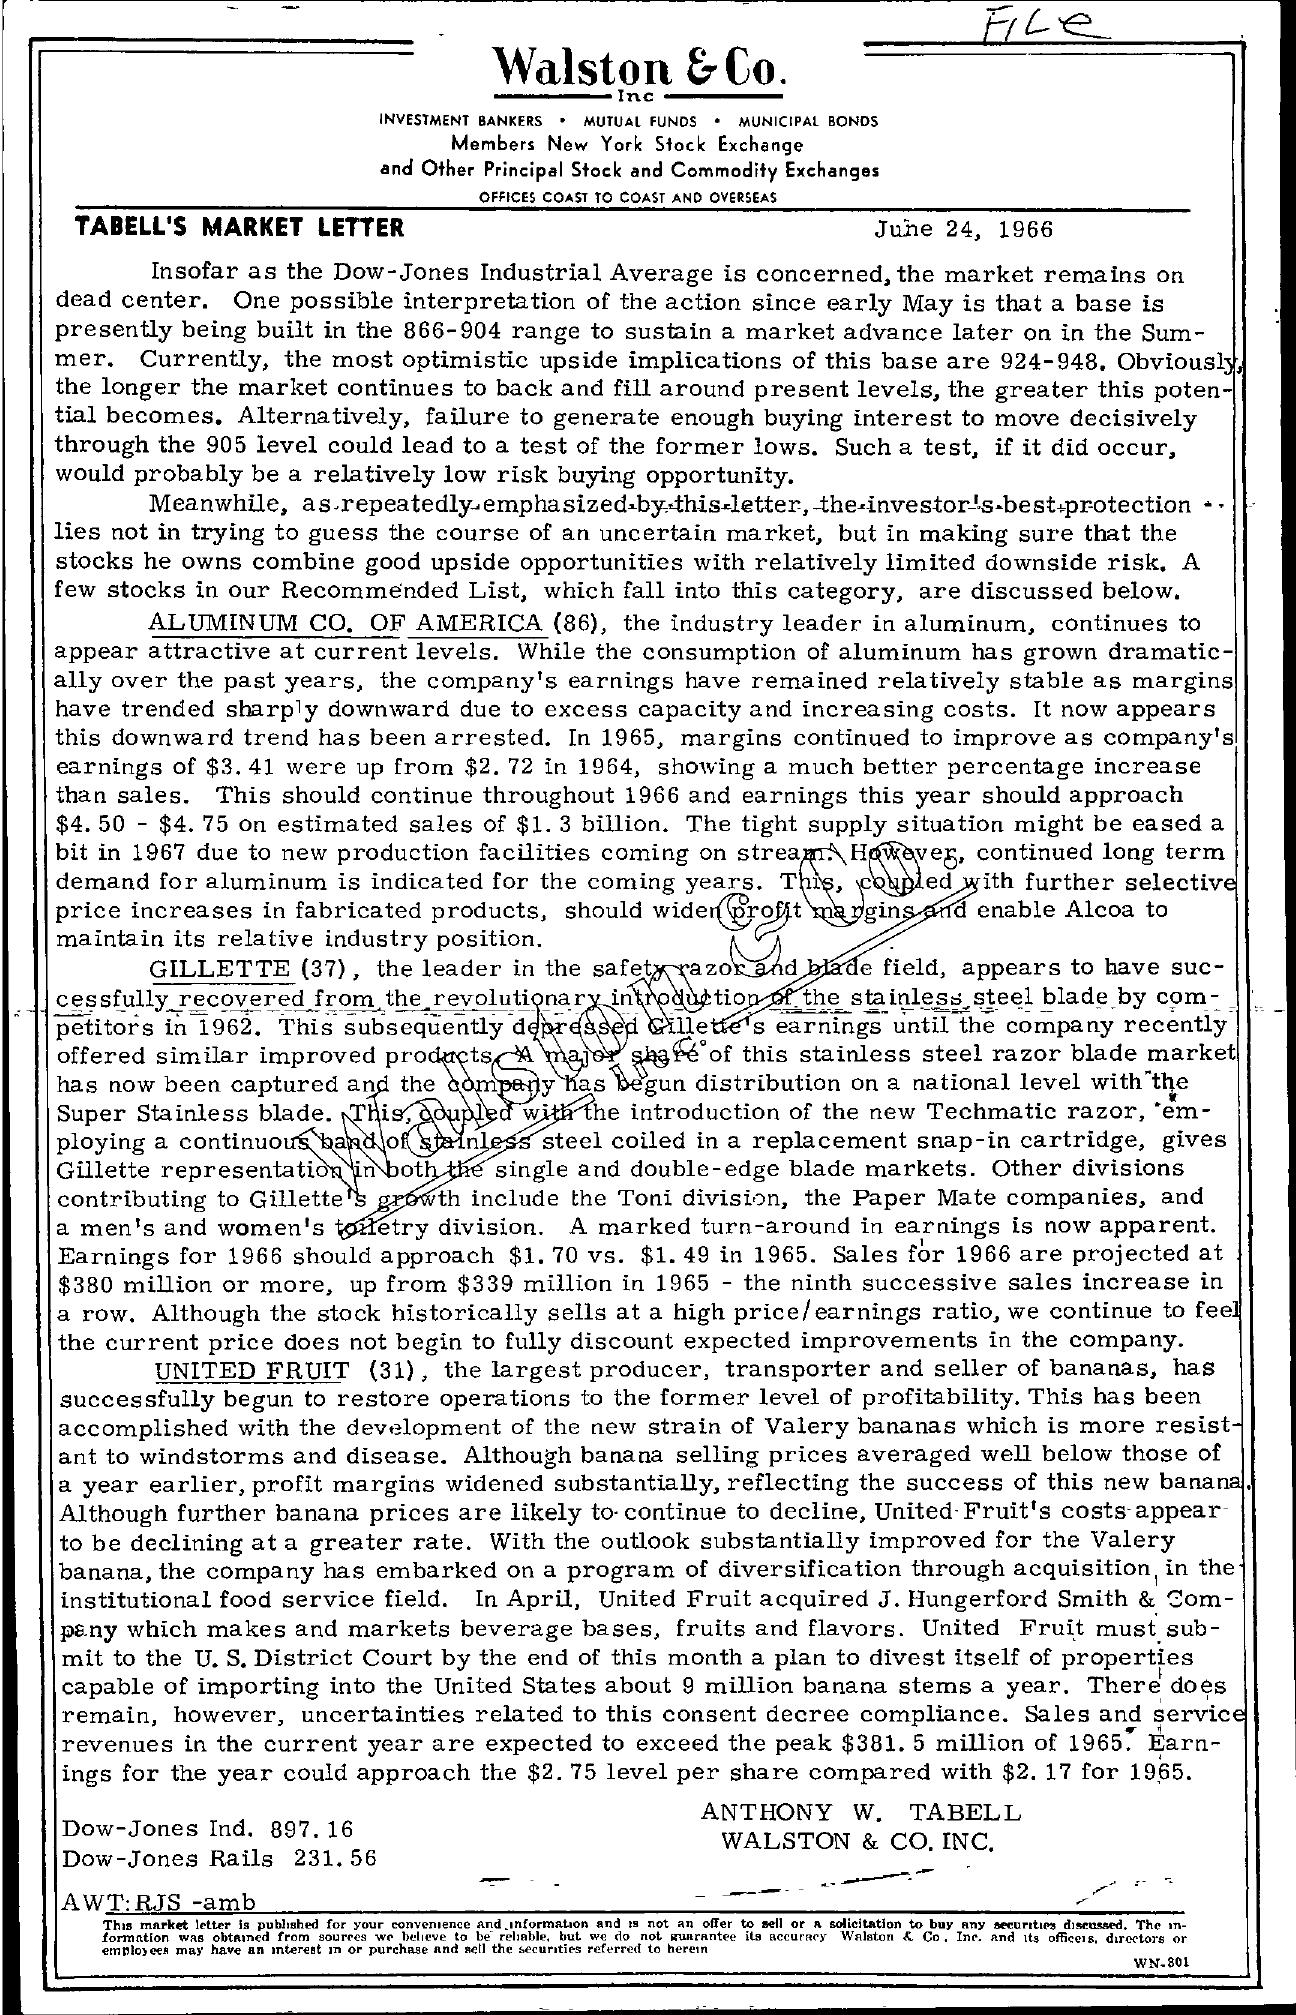 Tabell's Market Letter - June 24, 1966